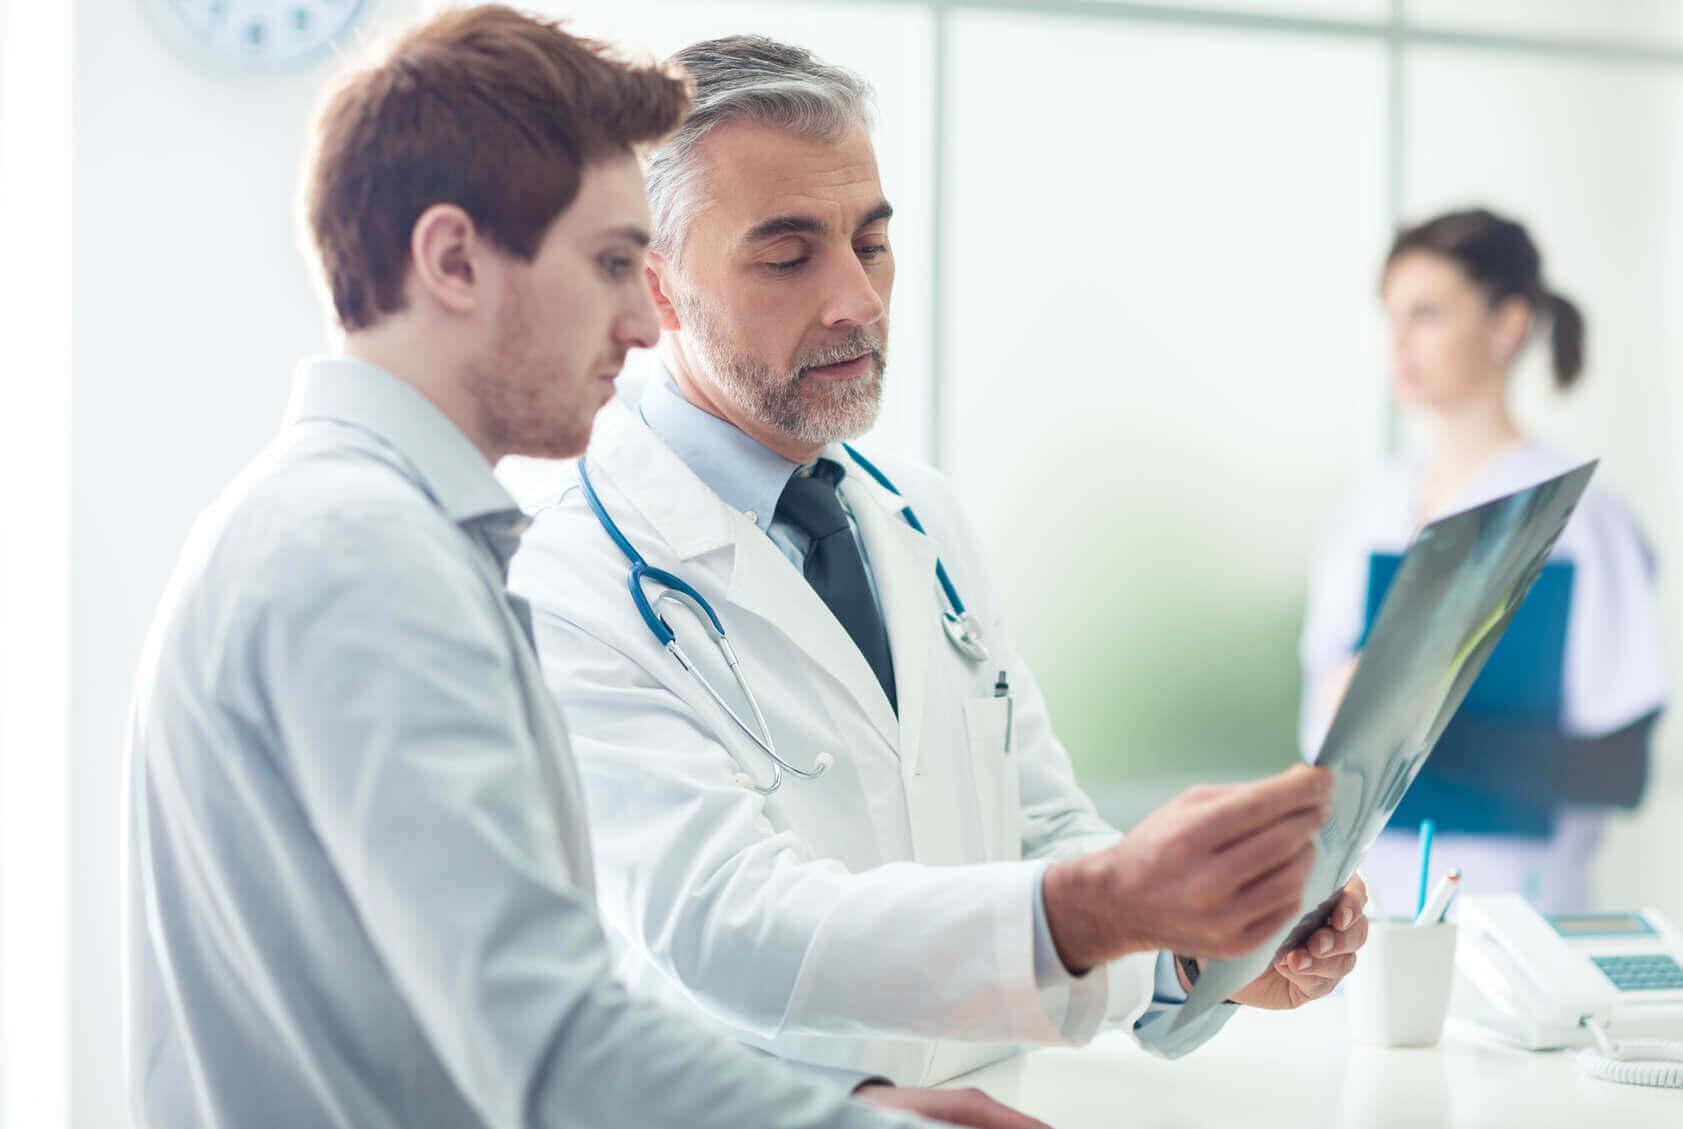 Виды рентгенологических исследований и доза облучения при рентгене